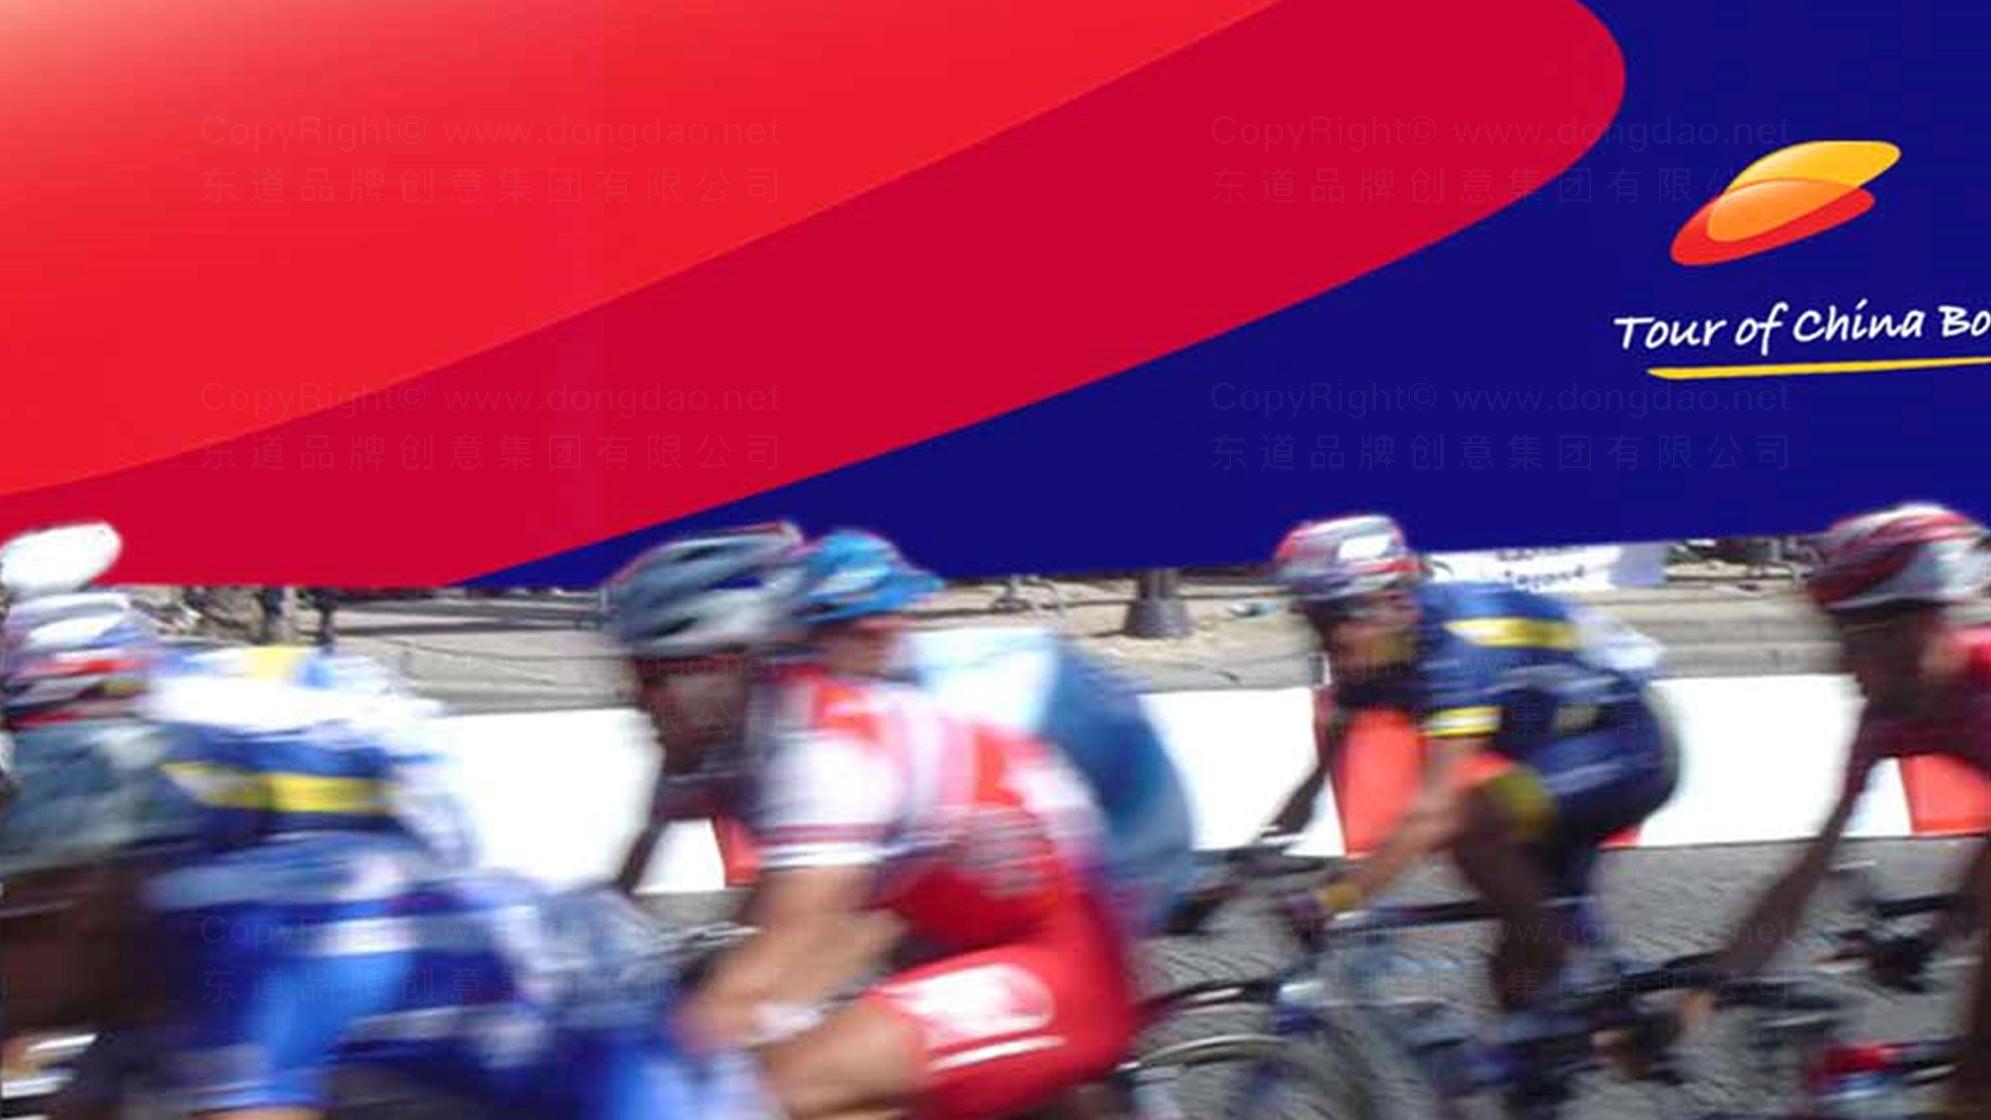 品牌设计环中国渤海国际公路自行车赛LOGO设计应用场景_1